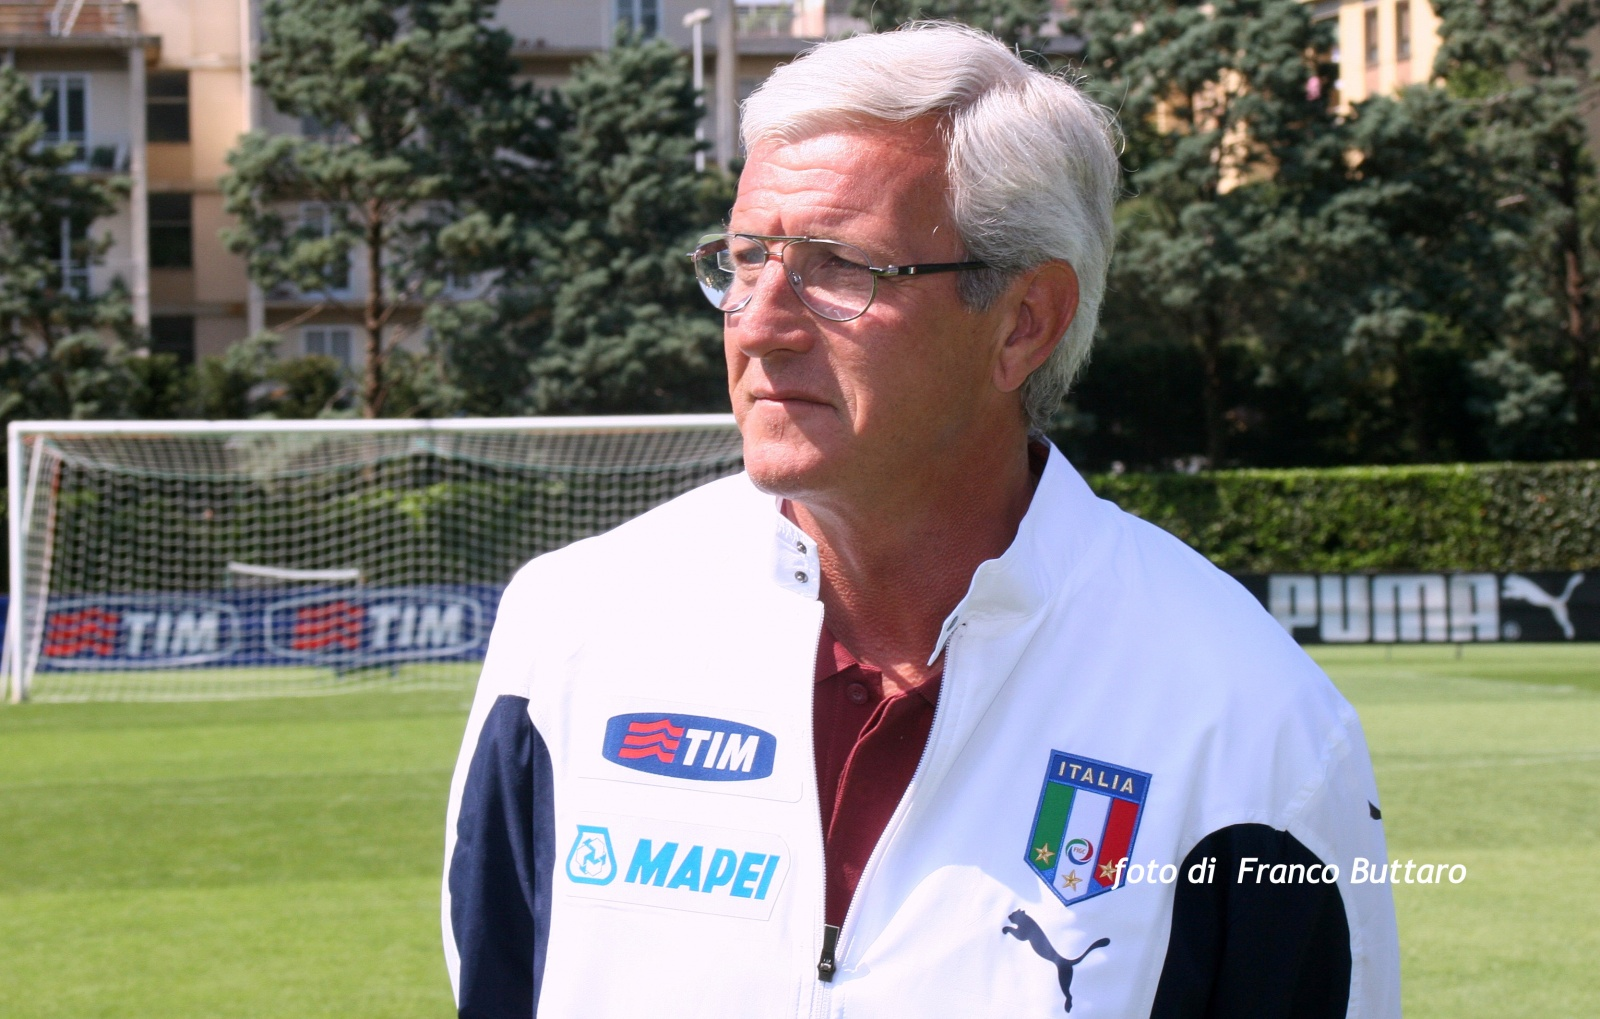 Italia - Mondiali 2006 - le foto ufficiali